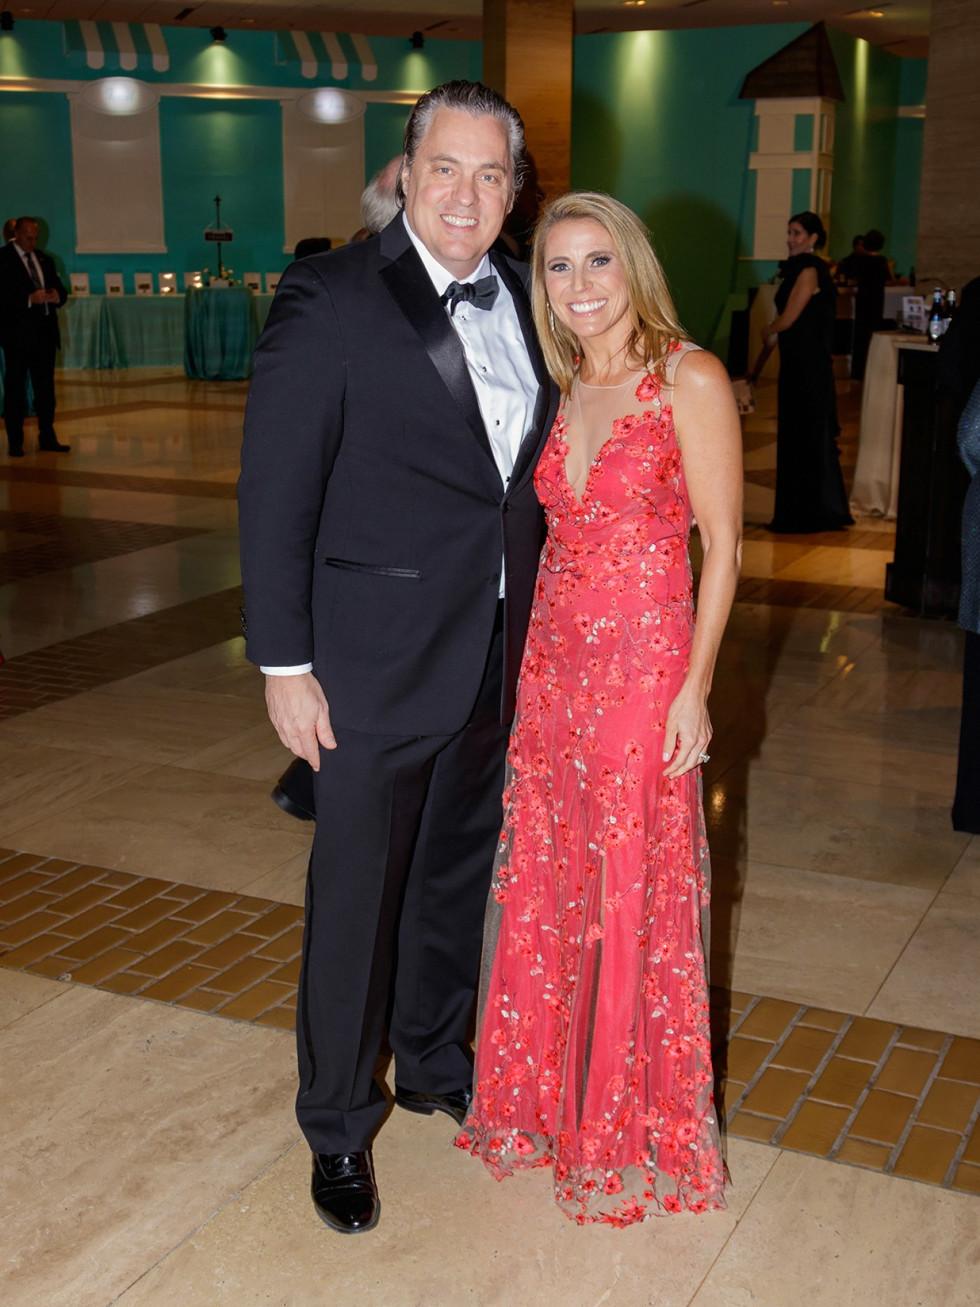 Michael Glassmoyer, Susan Glassmoyer